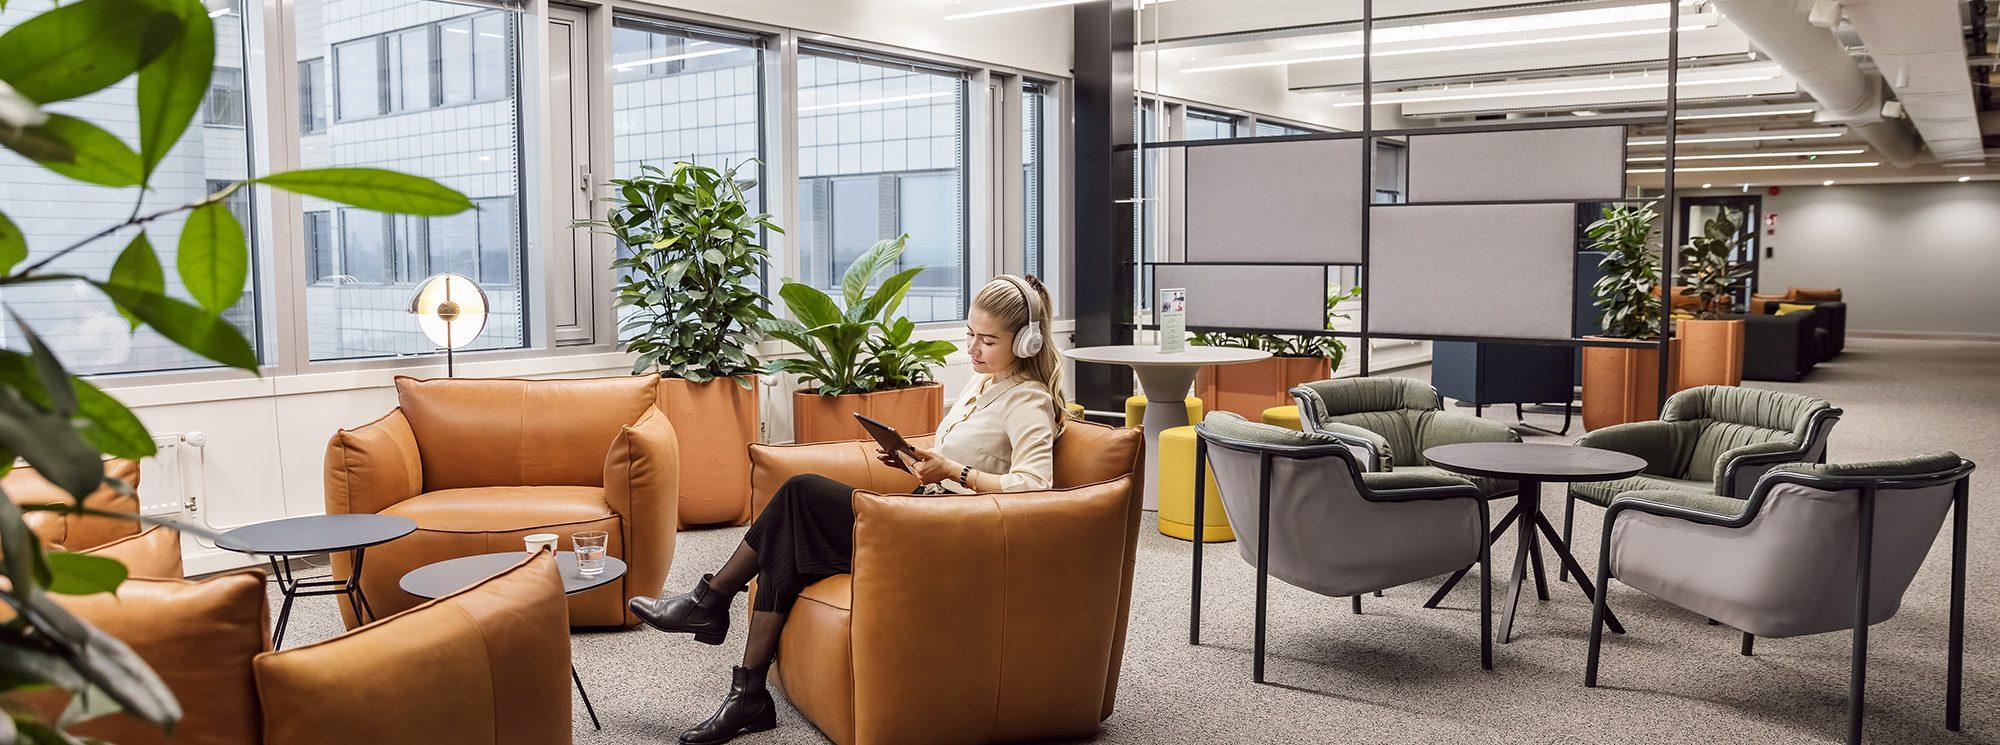 Työelämää koronan jälkeen – miten toimistotyö muuttuu?